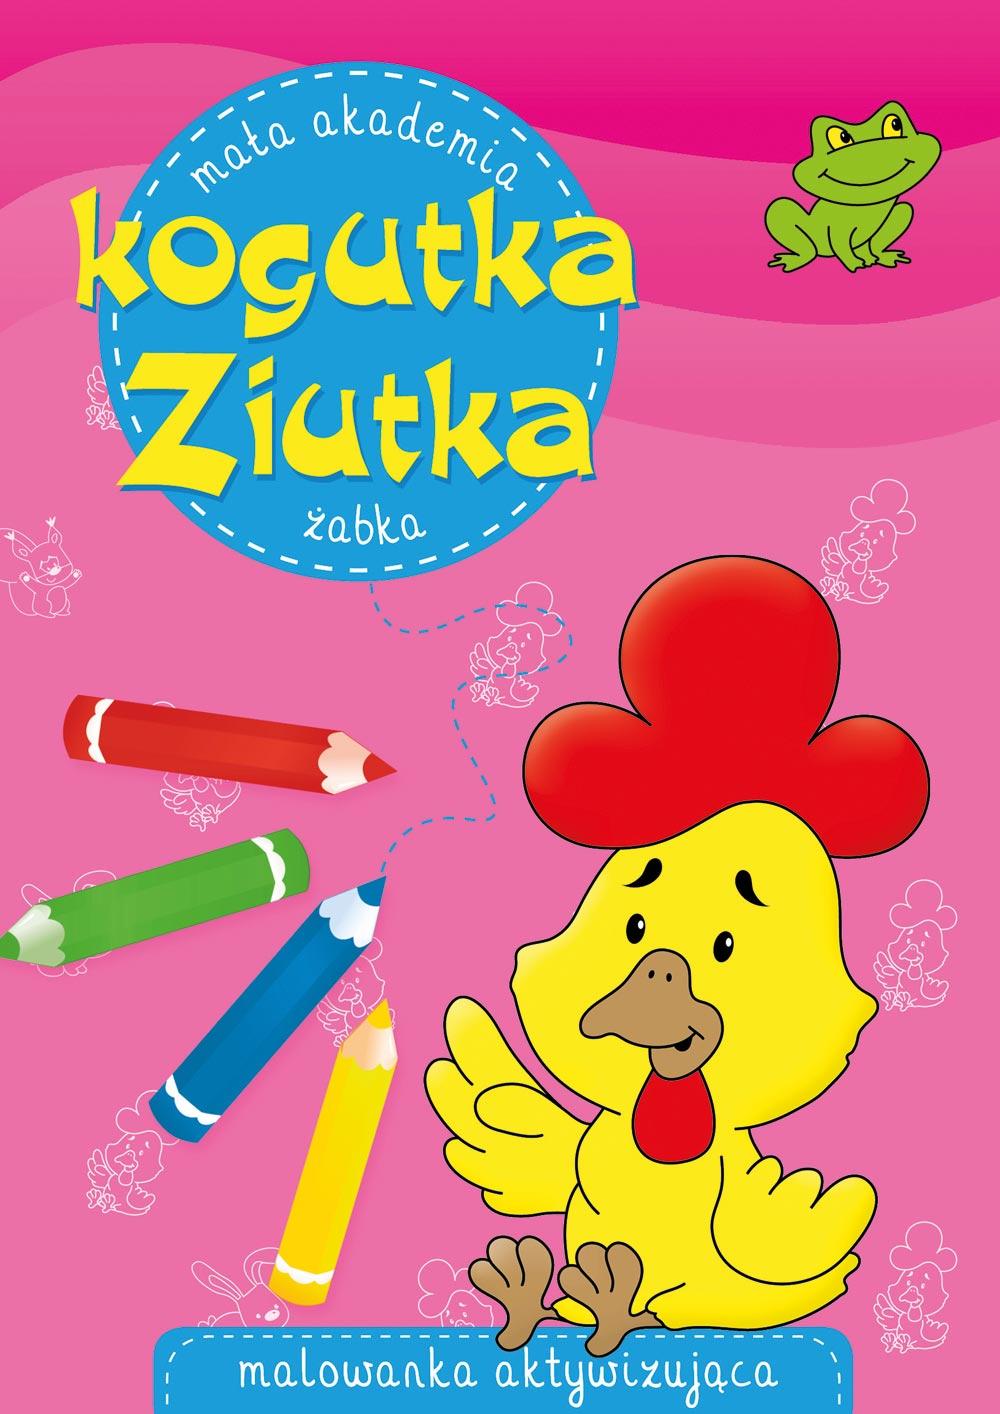 Książeczka Mała Akademia Kogutka Ziutka. Żabka